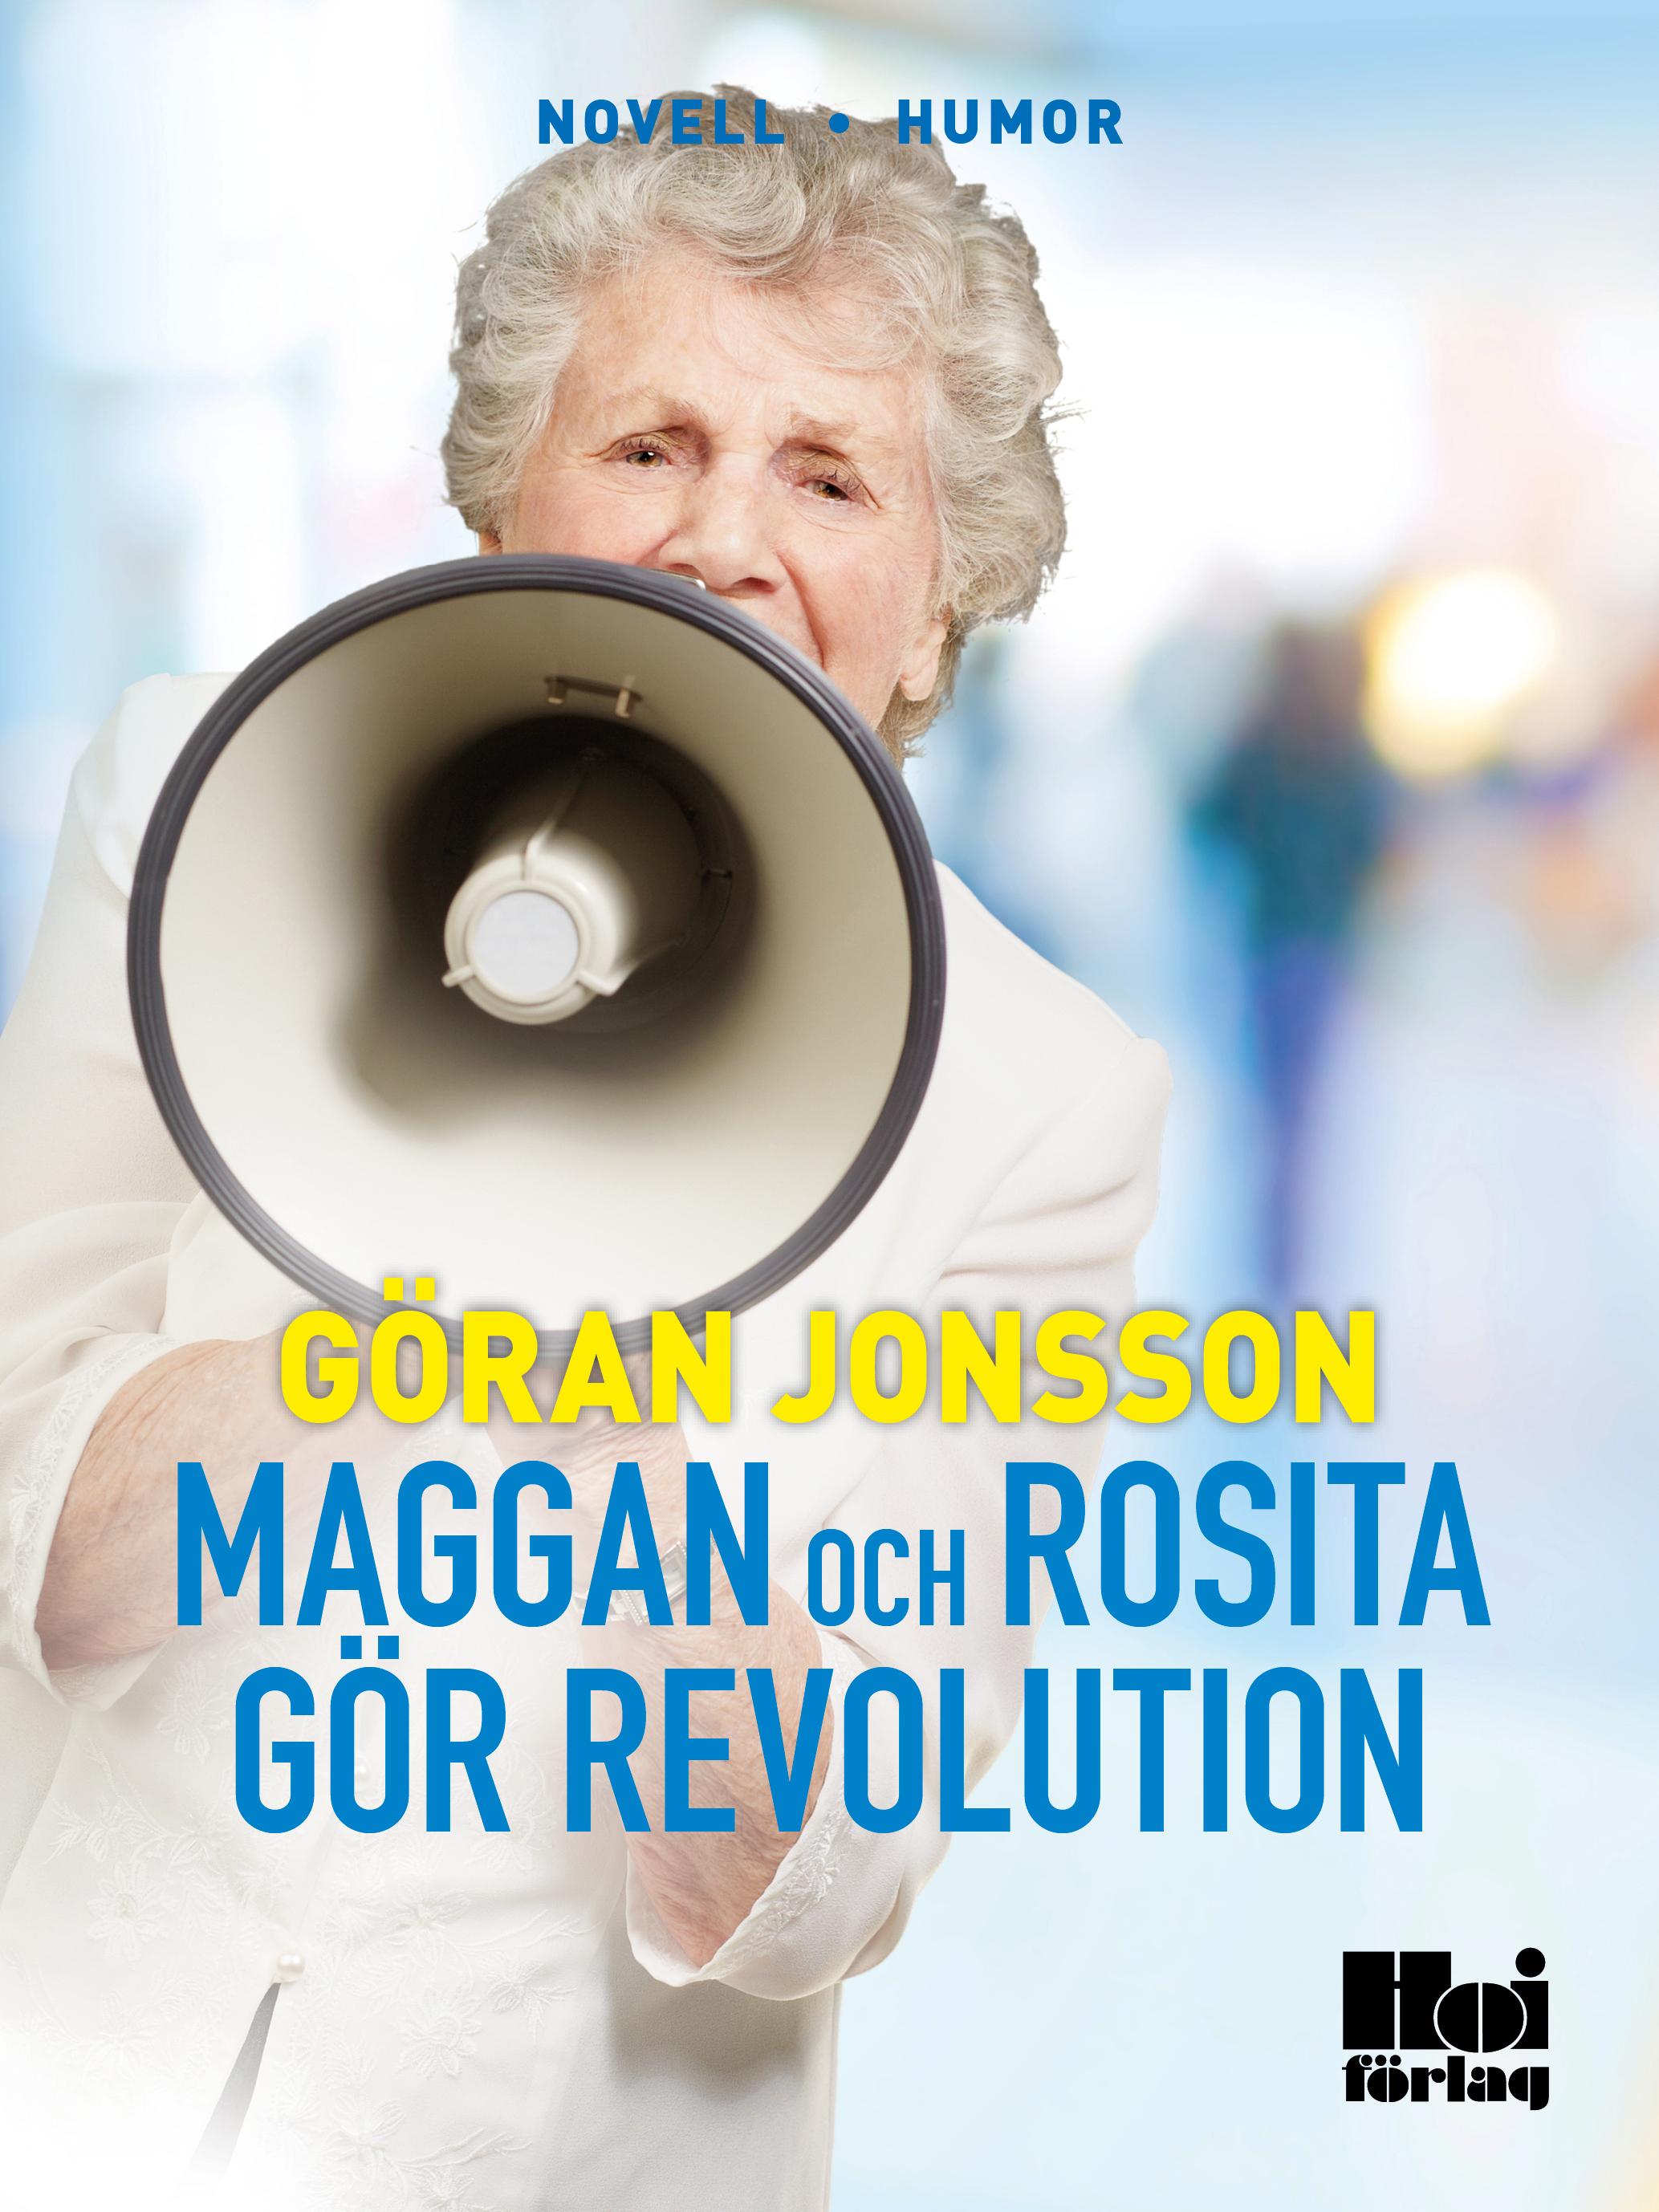 Maggan och Rosita gör revolution